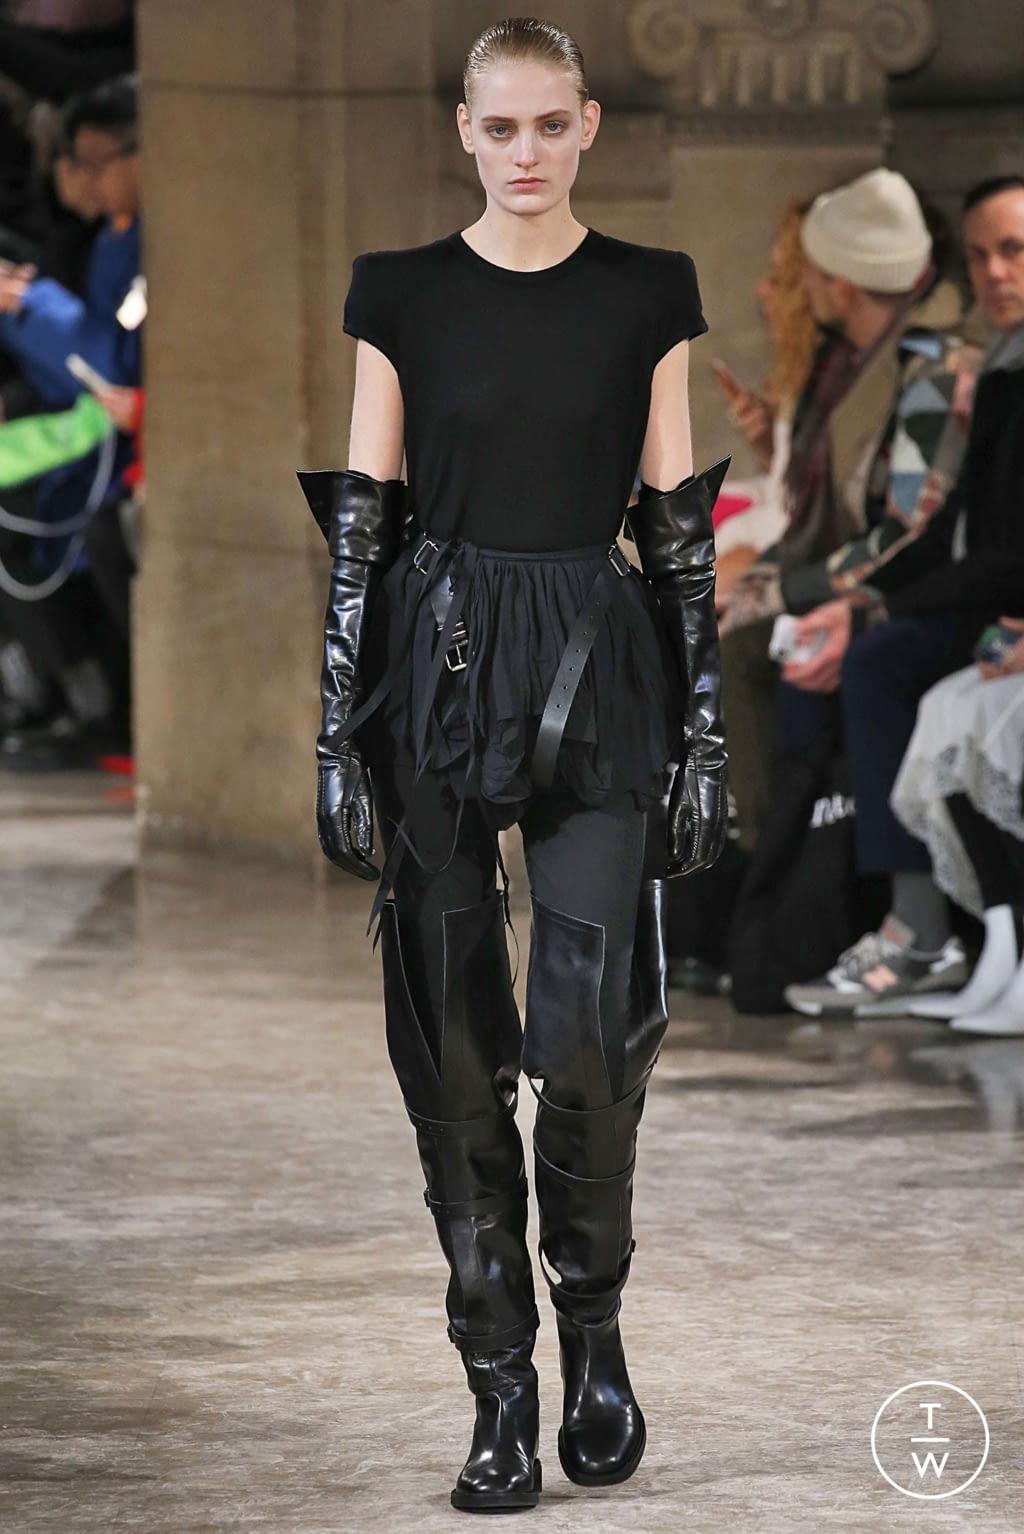 Fashion Week Paris Fall/Winter 2018 look 14 de la collection Ann Demeulemeester womenswear